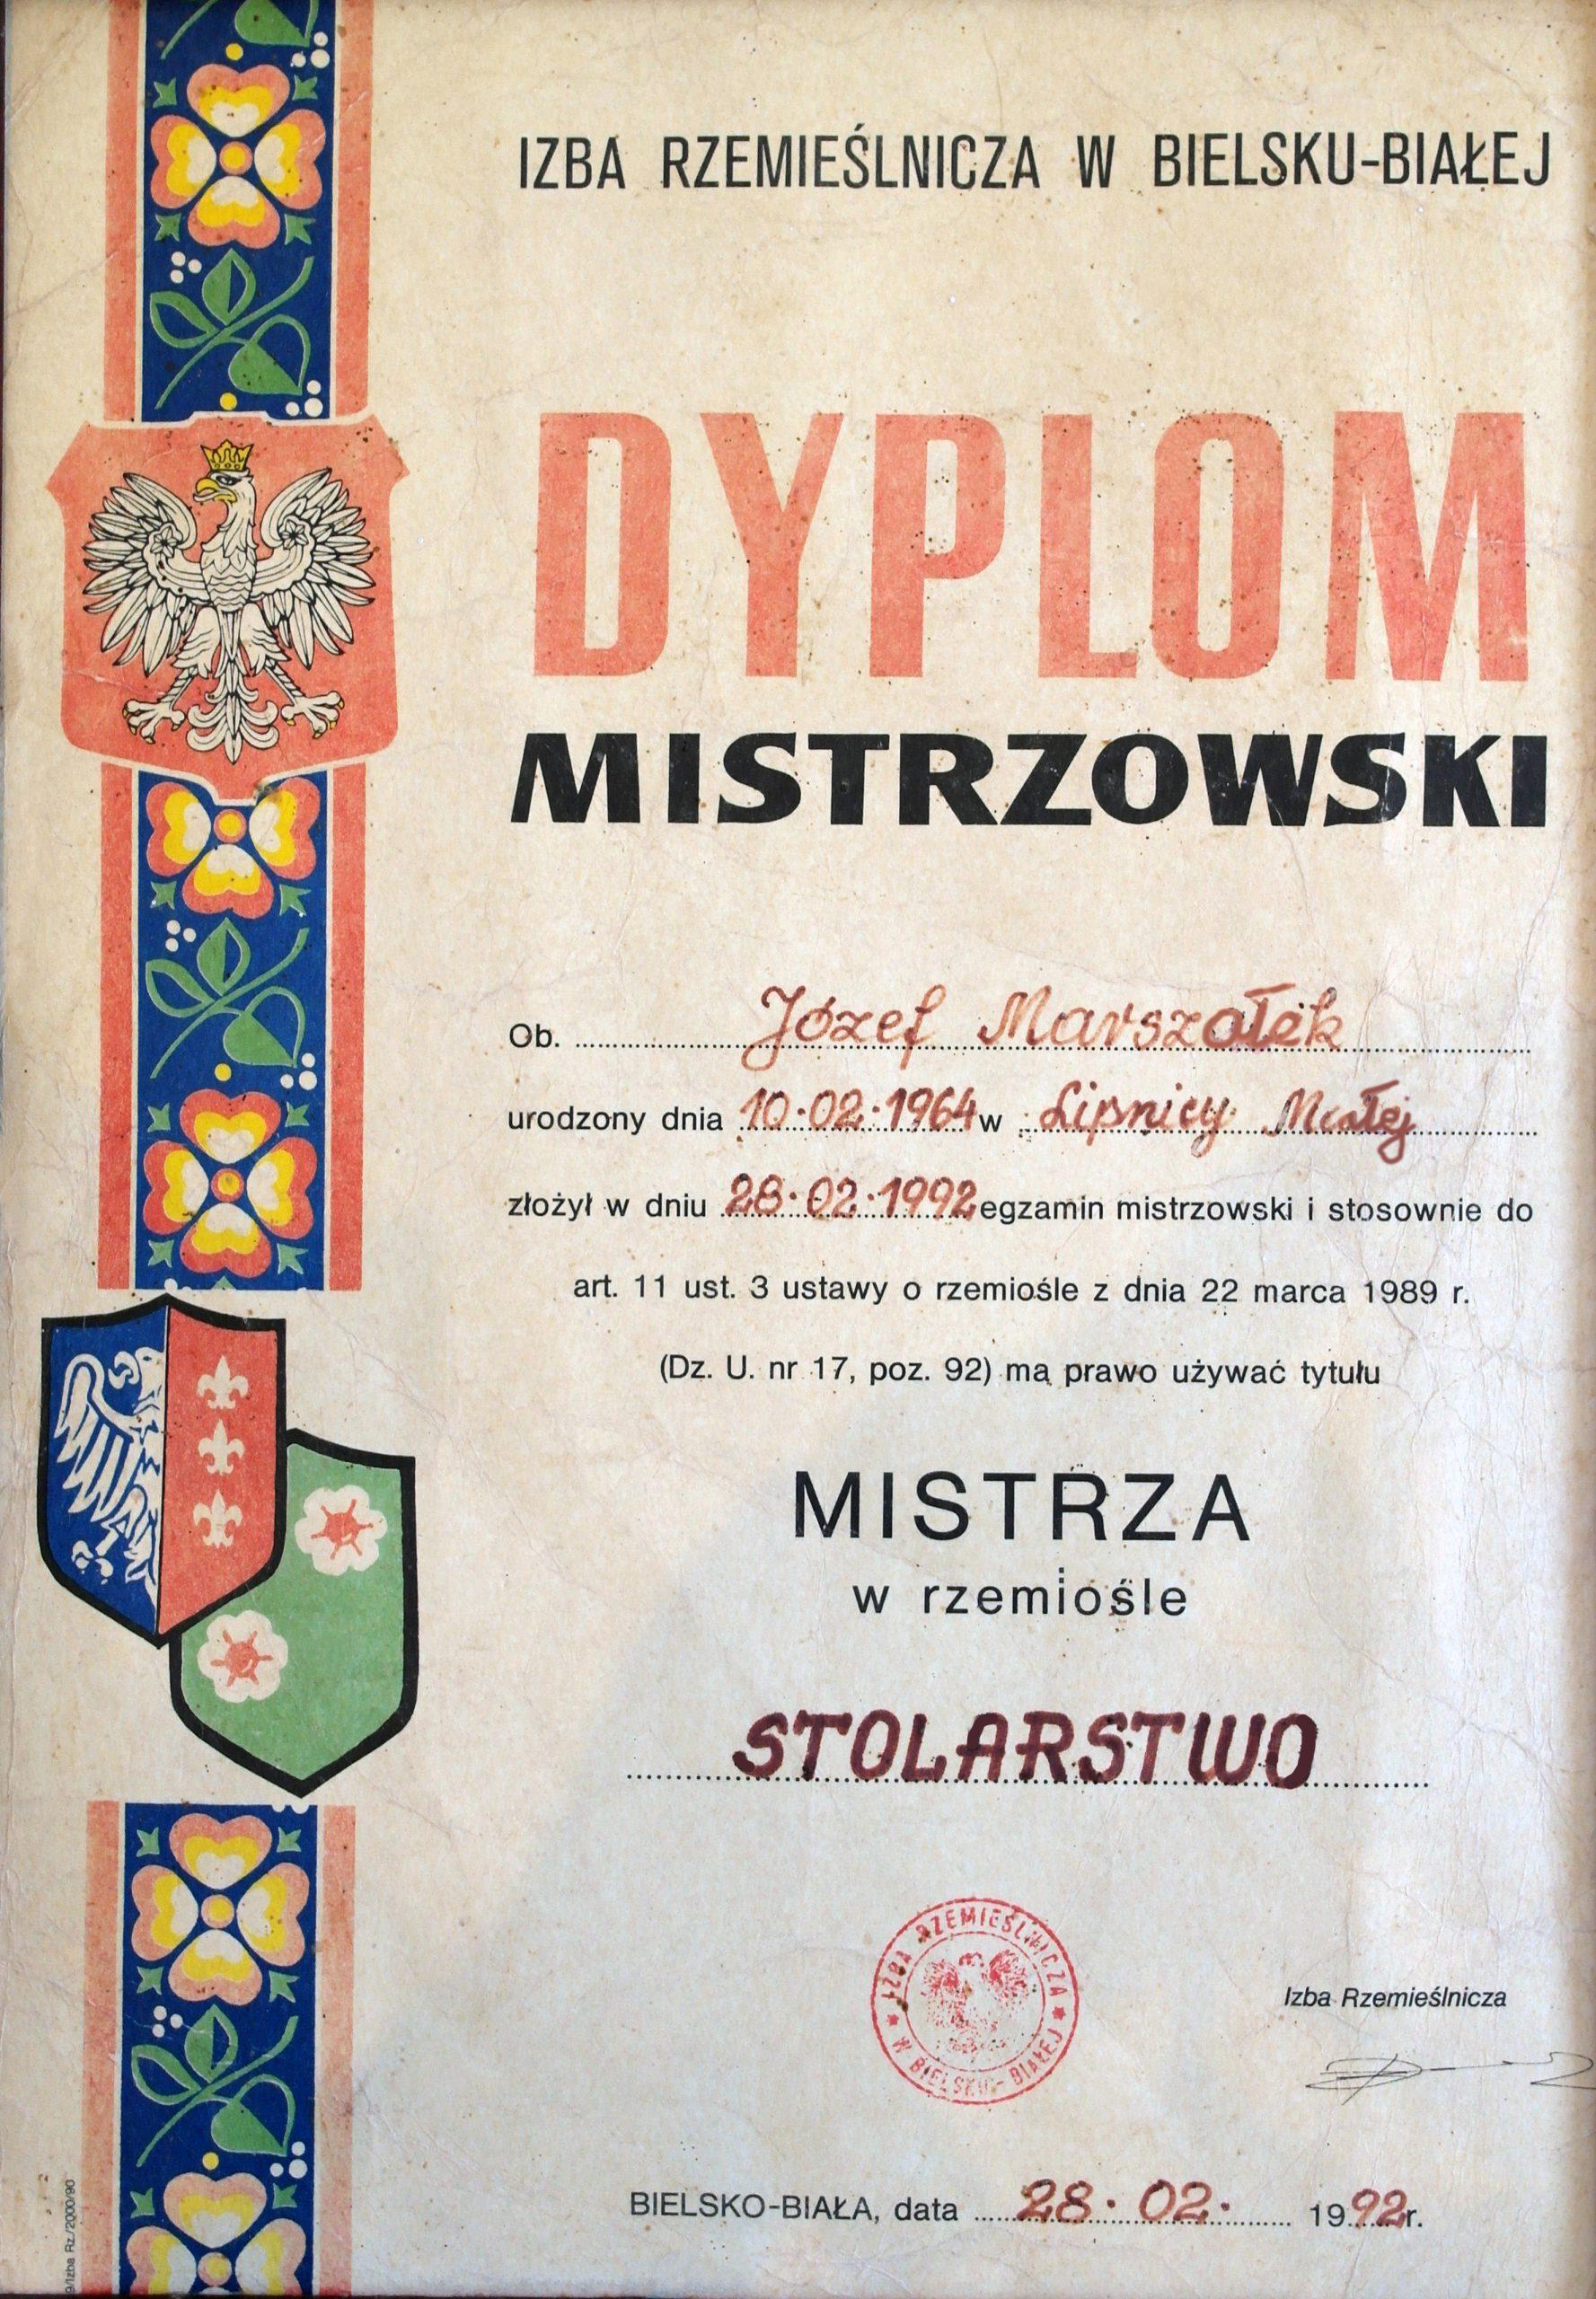 Dyplom Mistrzowski - Józef Marszałek